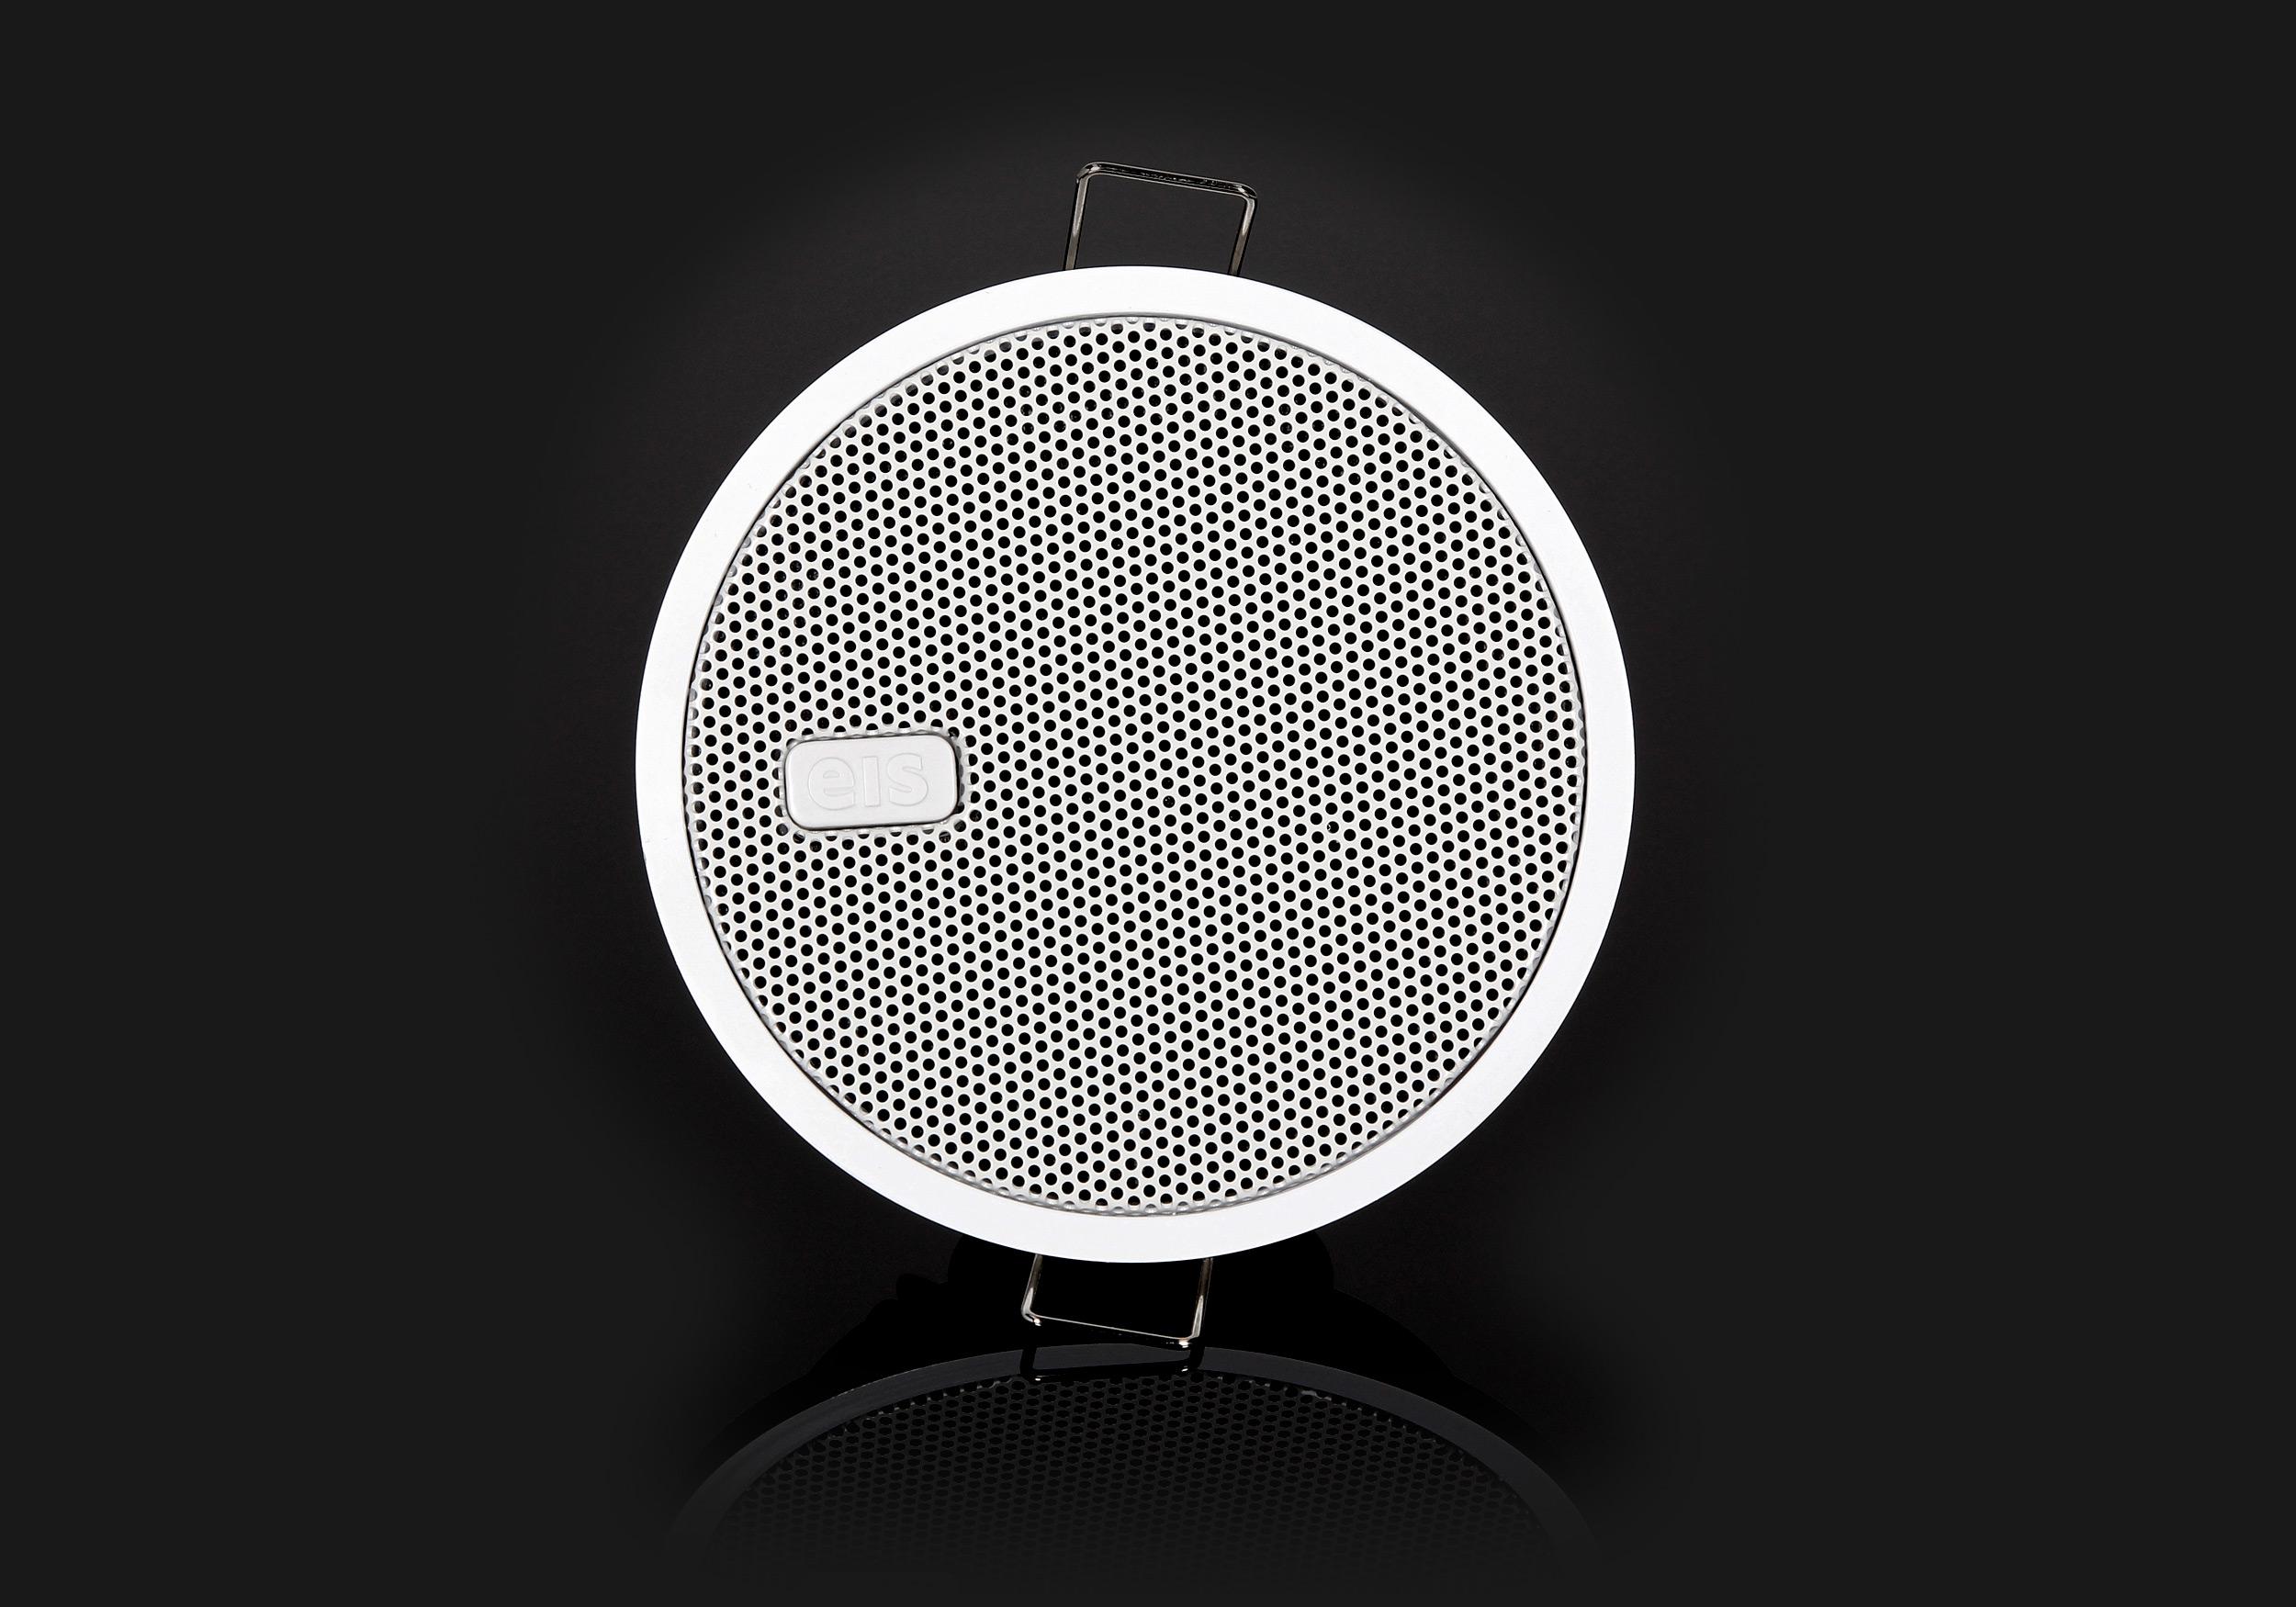 Eis Sound głośnik 2,5 calowy dwudrożny 8 ohm